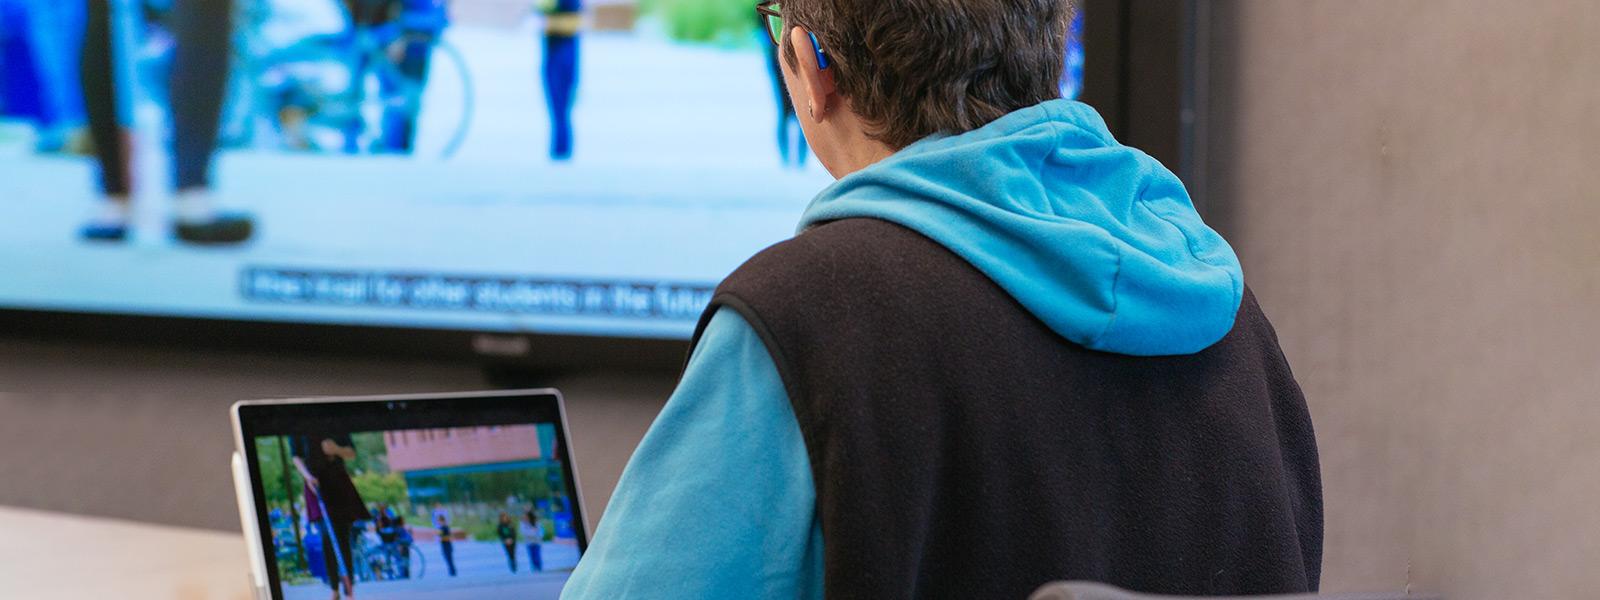 Женщина, которая пользуется слуховым аппаратом, смотрит видеопрезентацию с субтитрами